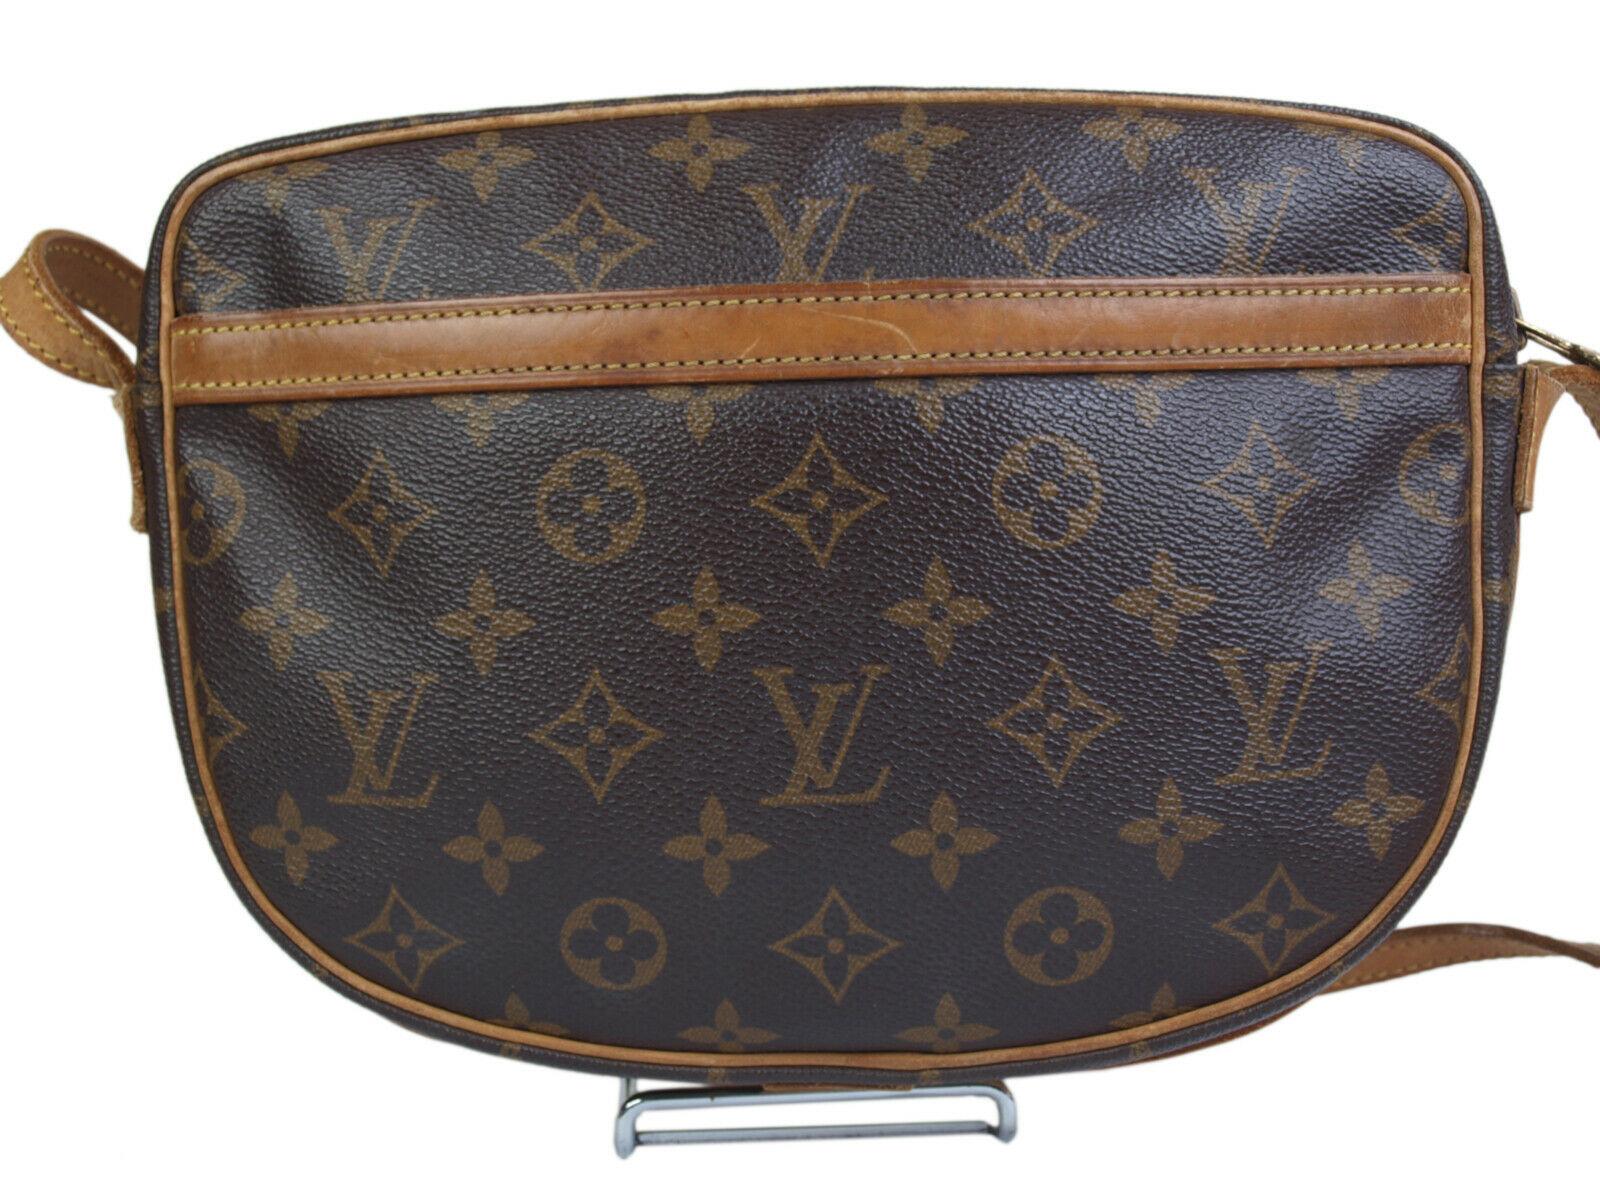 Auth LOUIS VUITTON Jeune Fille Monogram Canvas Cross-Body Shoulder Bag LS17666L